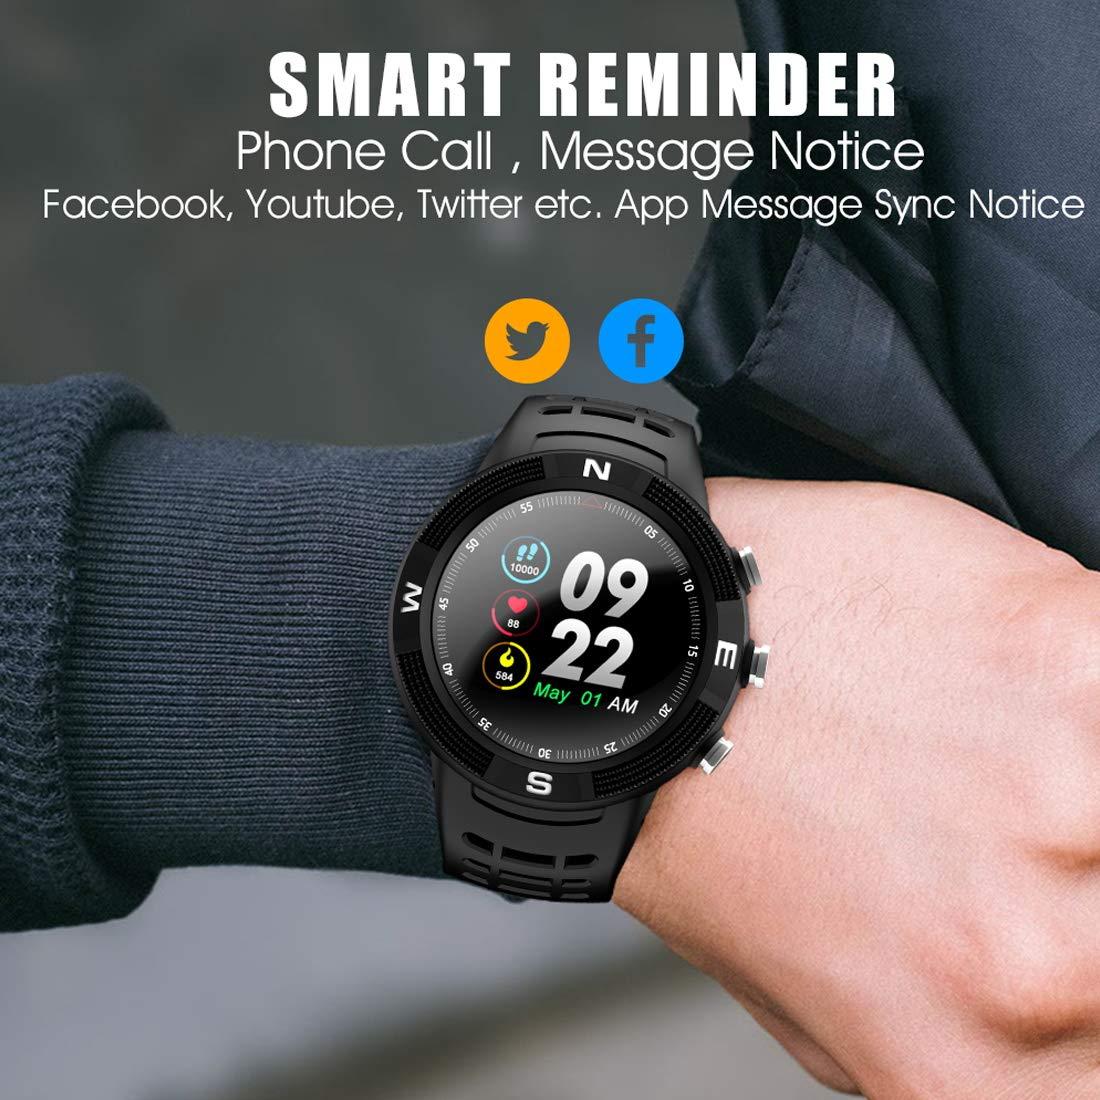 N NEWKOIN Relojes Inteligentes GPS para Deportes al Aire Libre Smartwatch IP68 Sportwatch Impermeable Rastreador de Ejercicios Monitor de Ritmo cardíaco ...